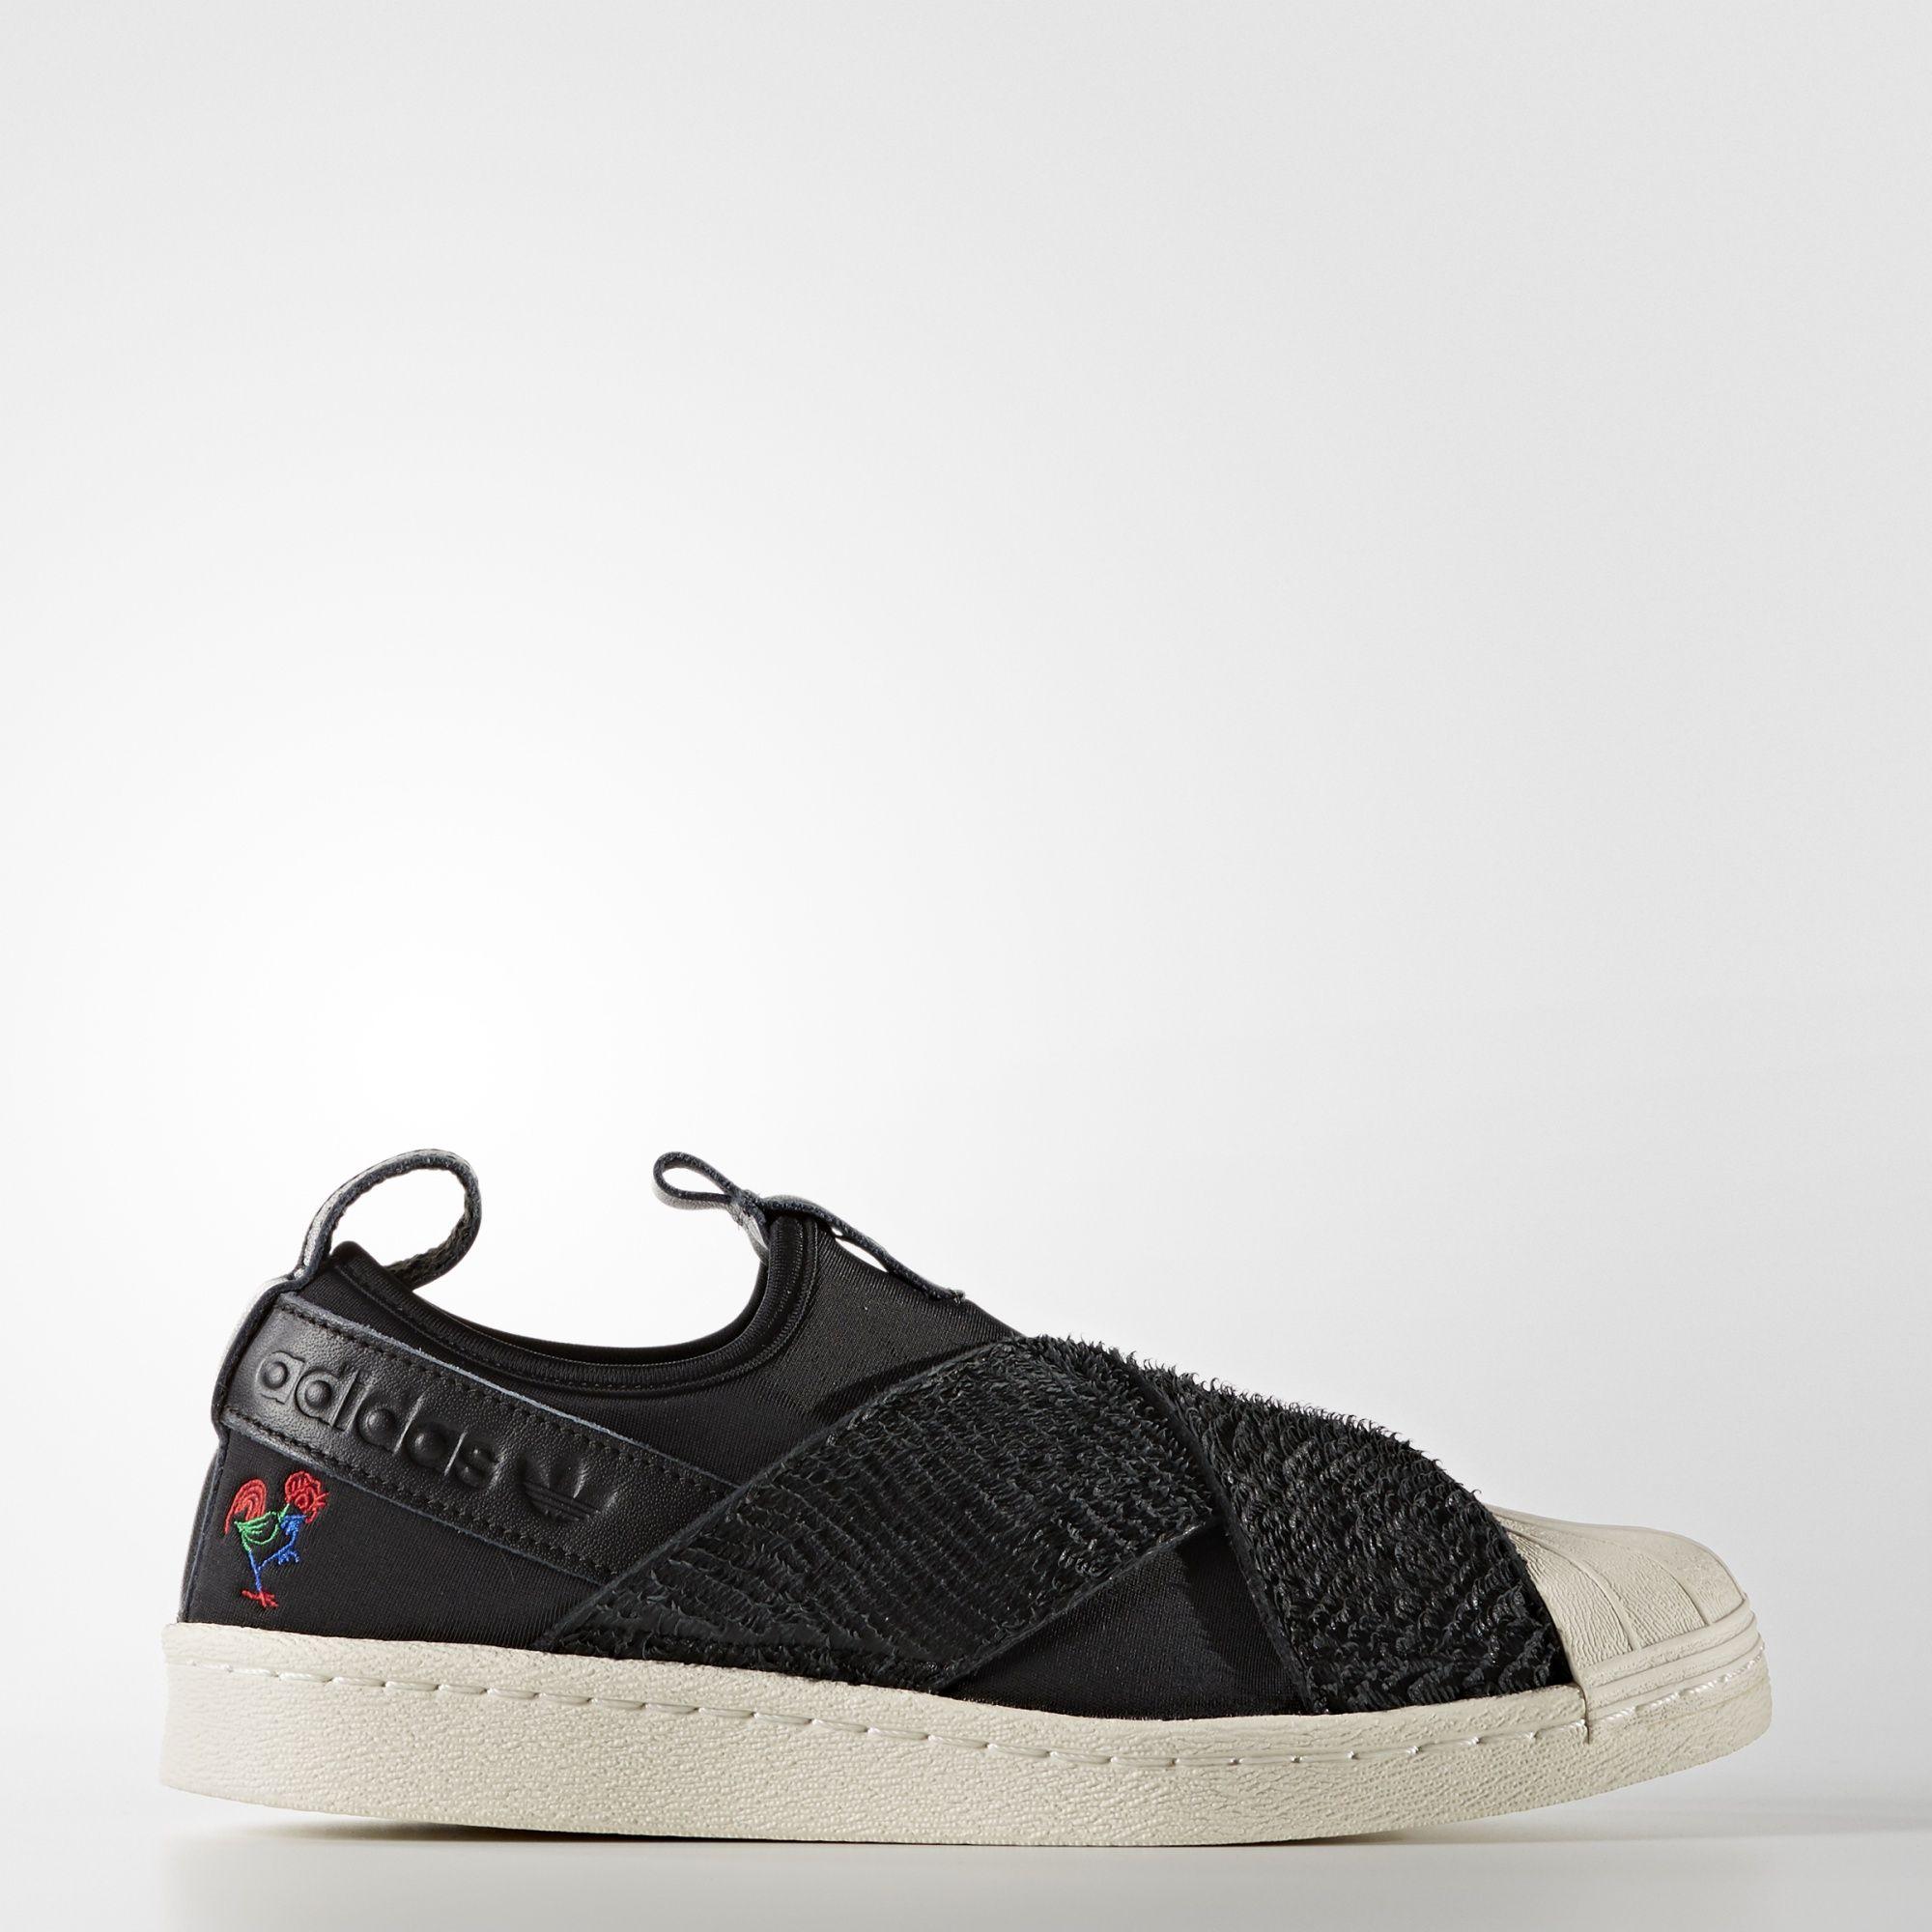 l'iconica della adidas superstar - scarpa capi ad est